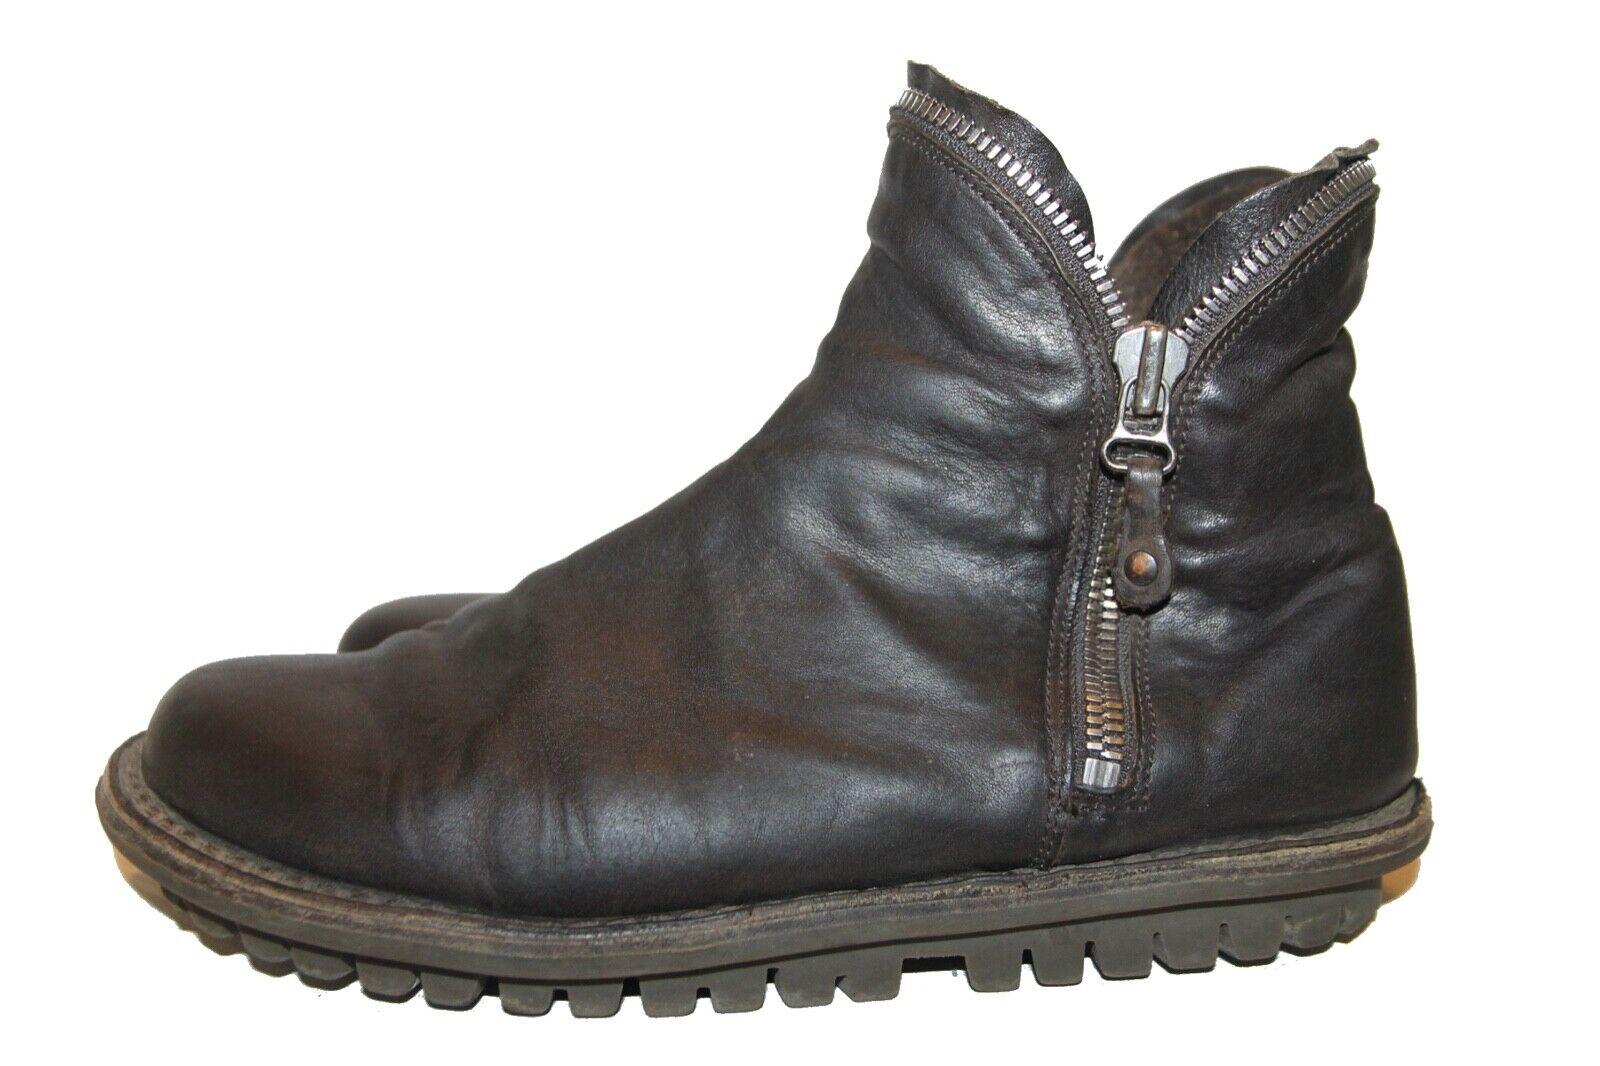 Trippen Stiefel Diesel m Gr. 40 Leder Stiefel dunkelbraun Chelsea